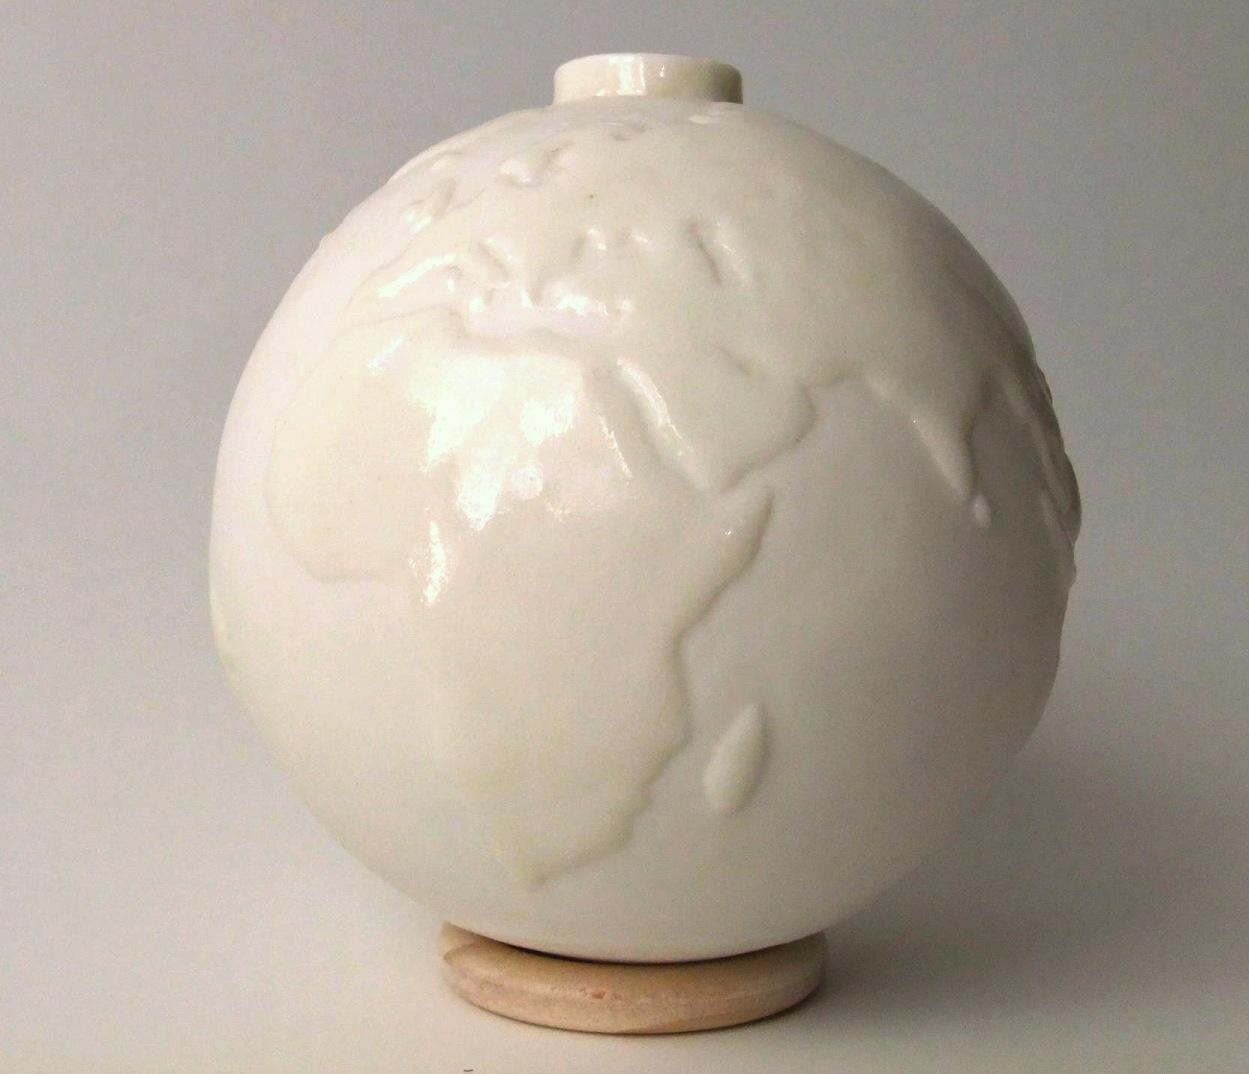 地球の一輪挿し Small vase of the earth